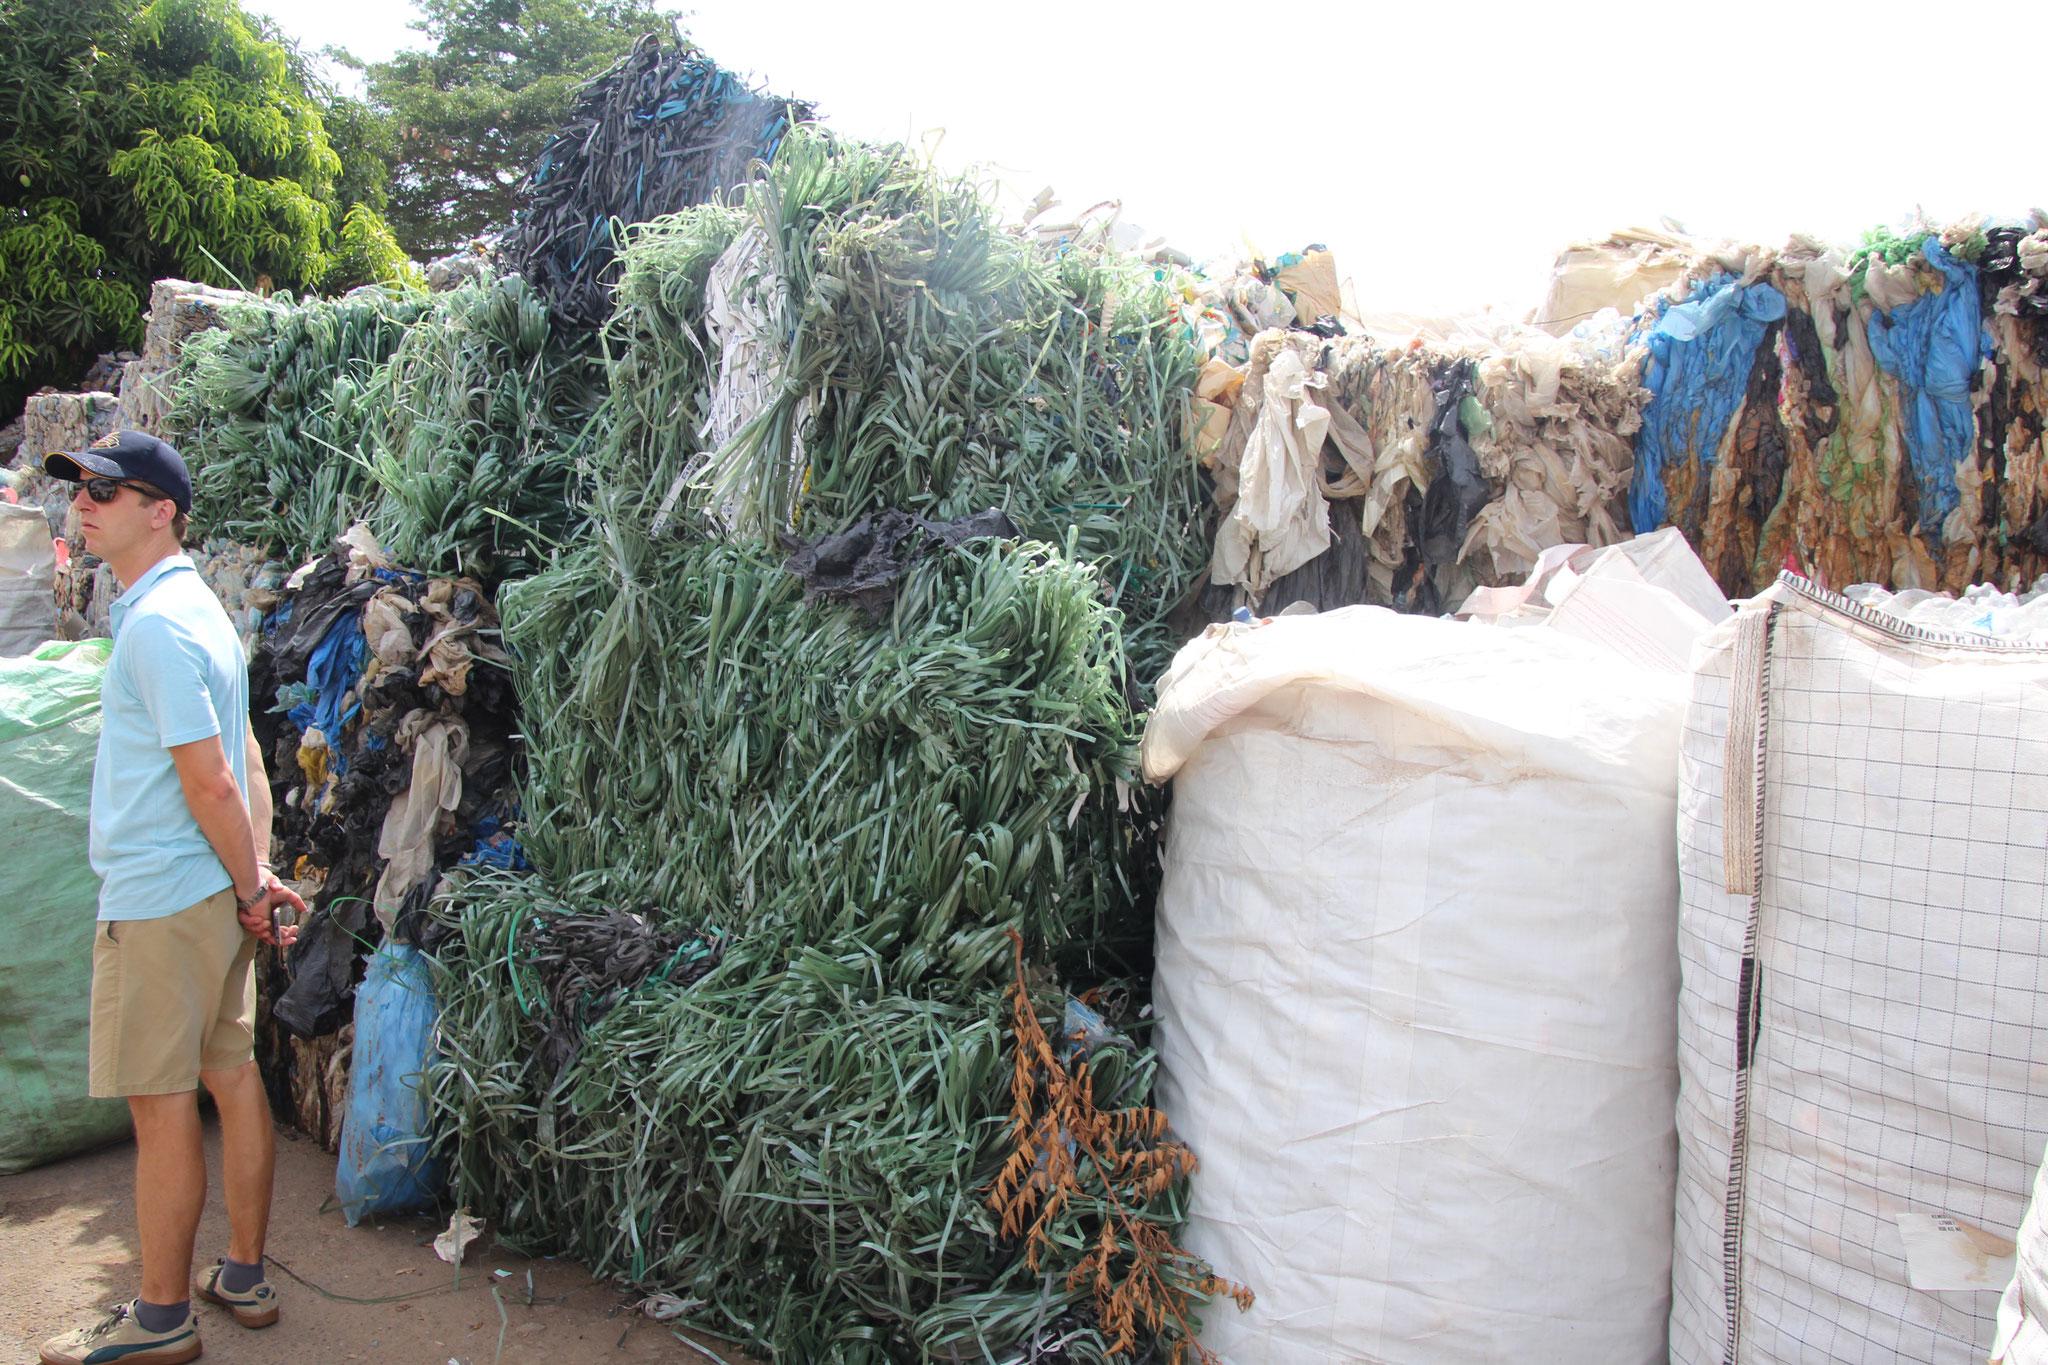 3. Aus dem grünen Plastik entstehen Petflaschen für Possotome der Plasik nebendran wird zu Elektro Rohren verarbeitet.